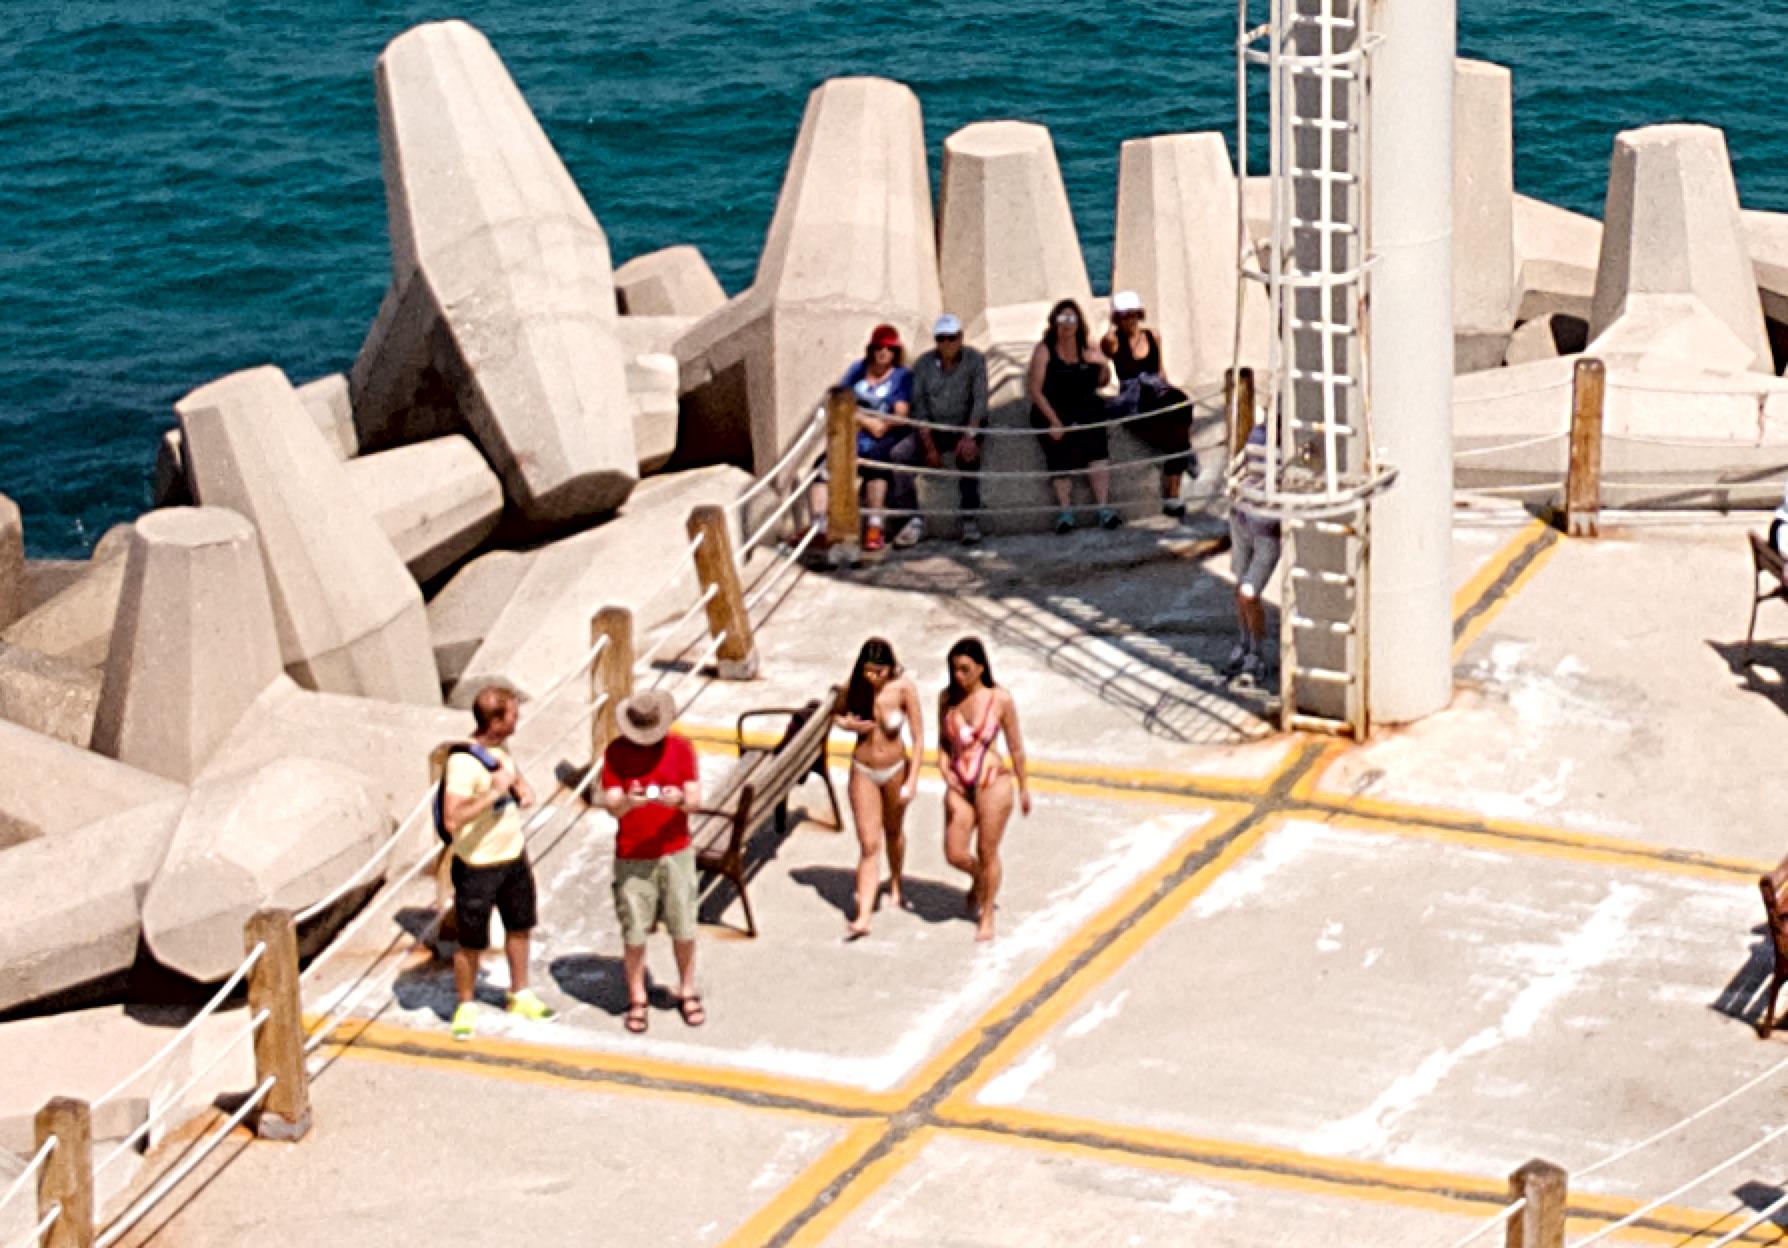 drone herzliyah sea wall 02.jpg